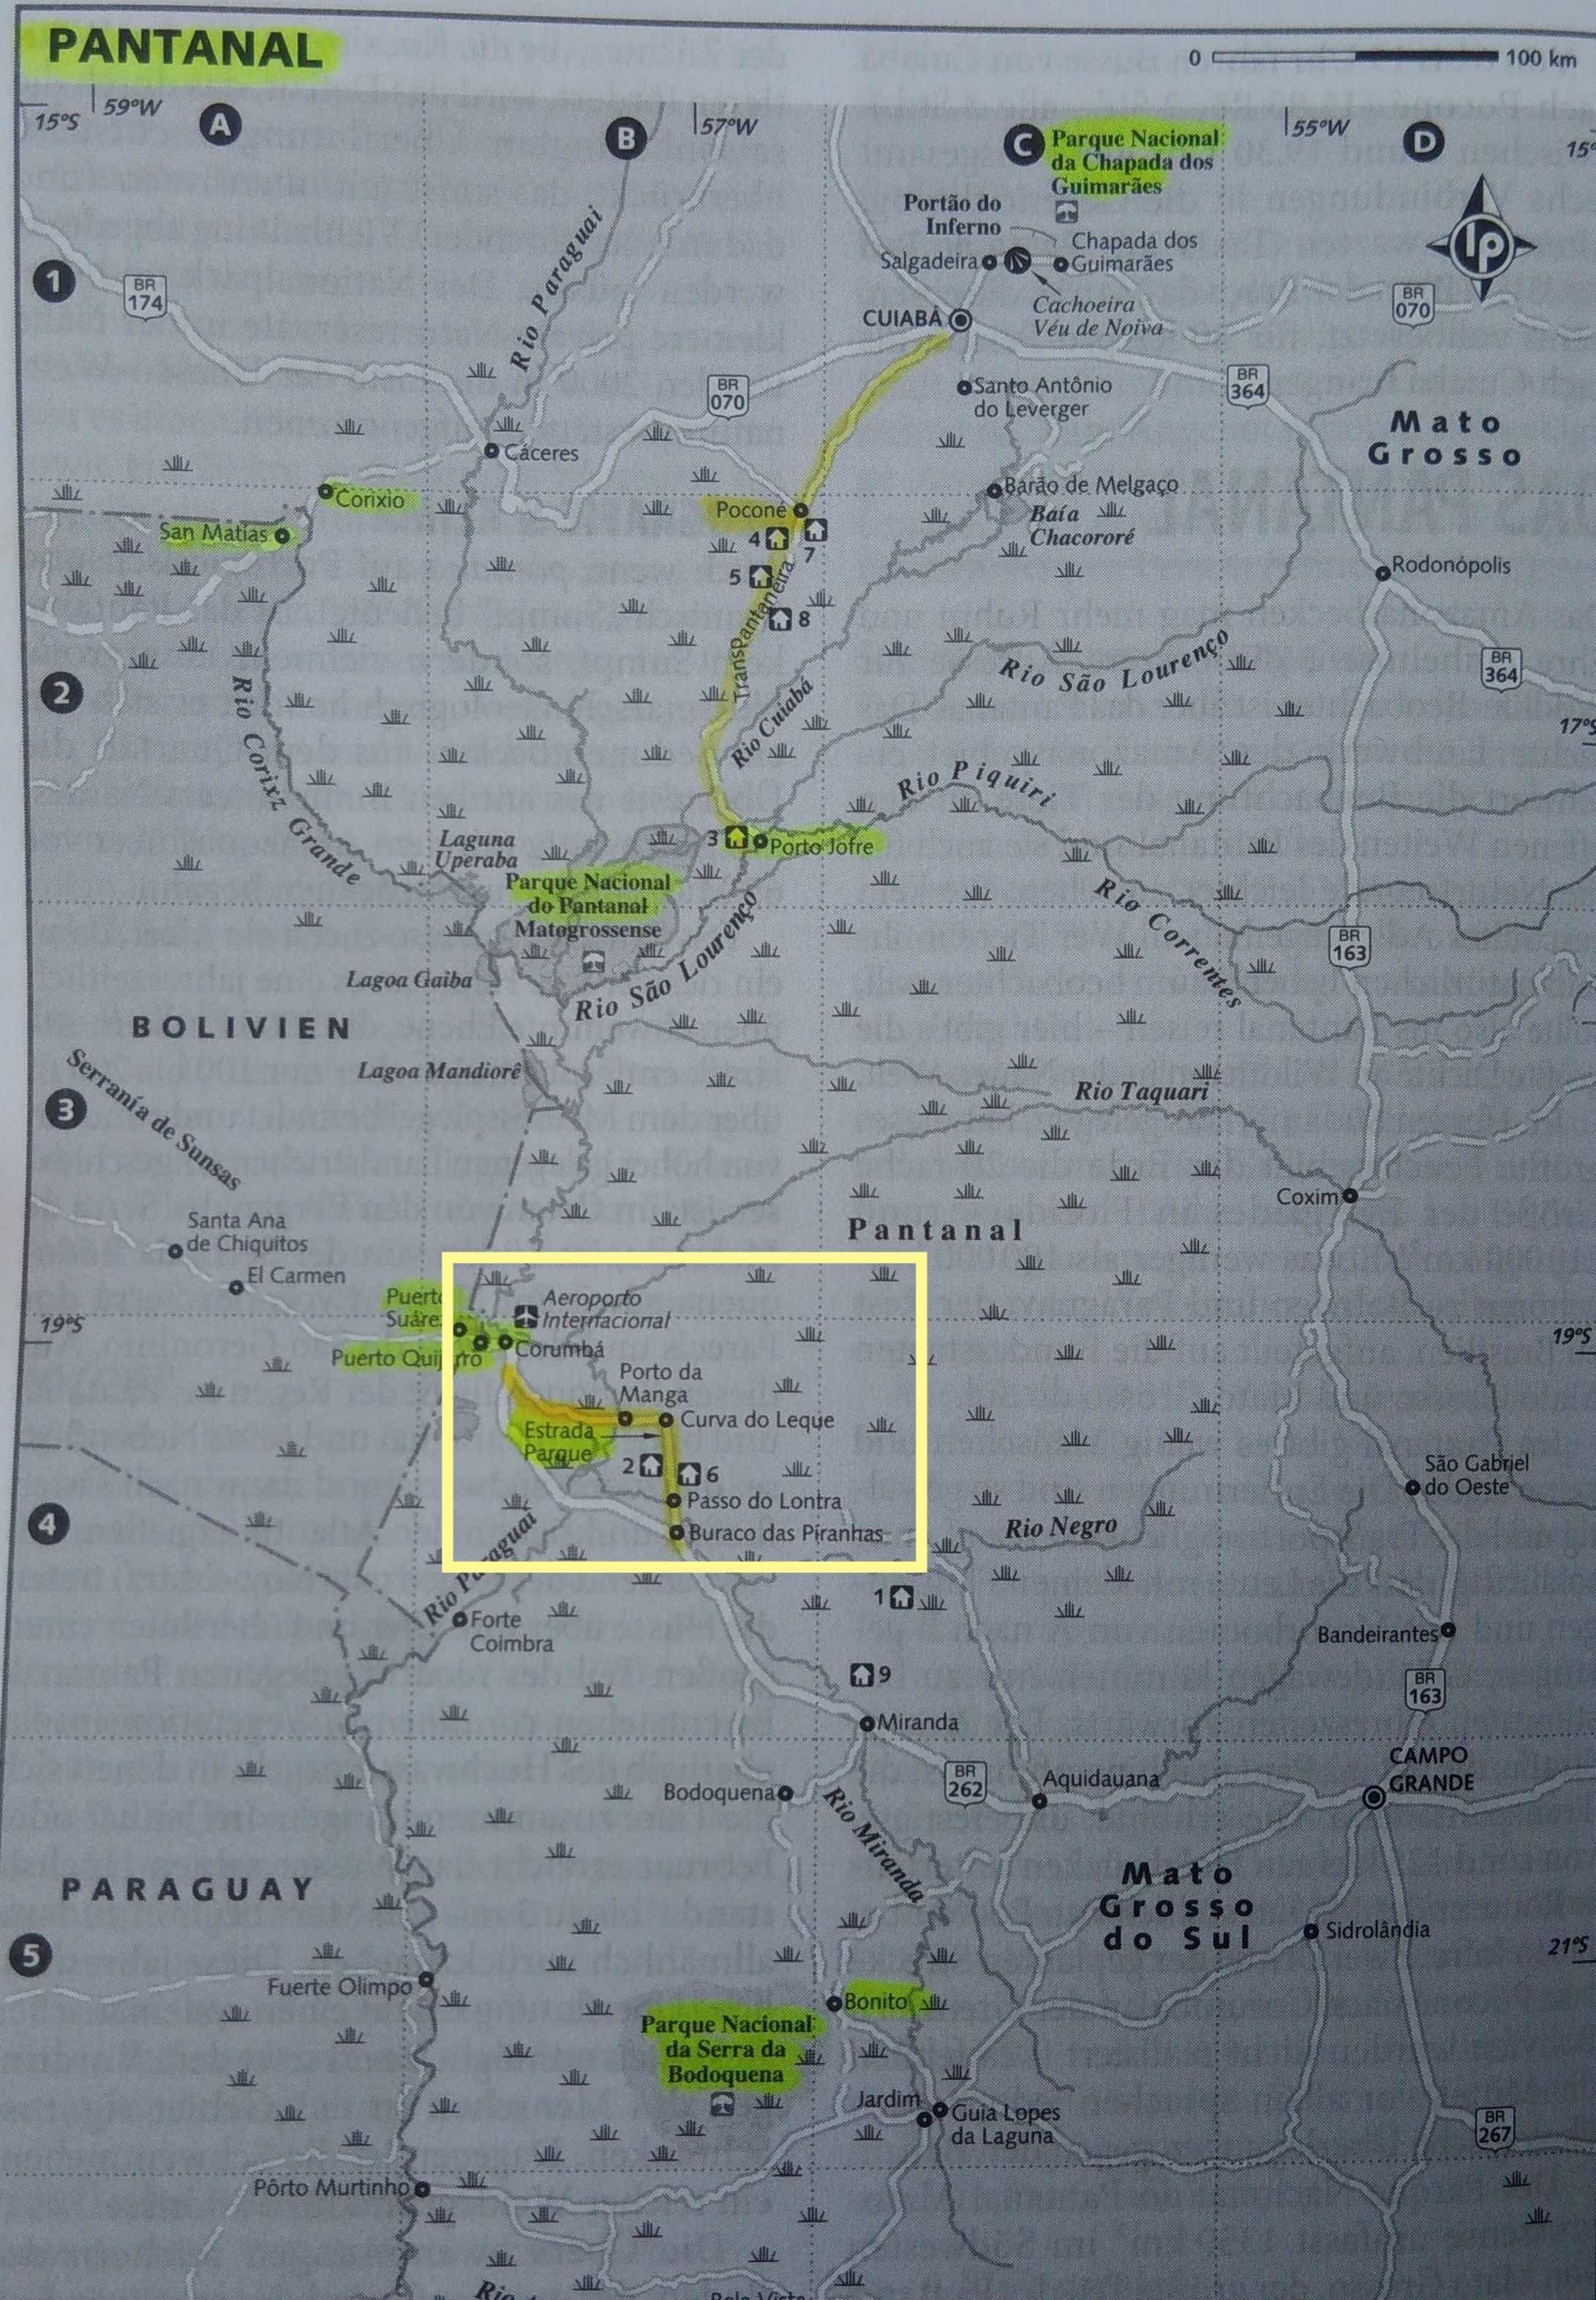 0211 Karte Pantanal grossjpg